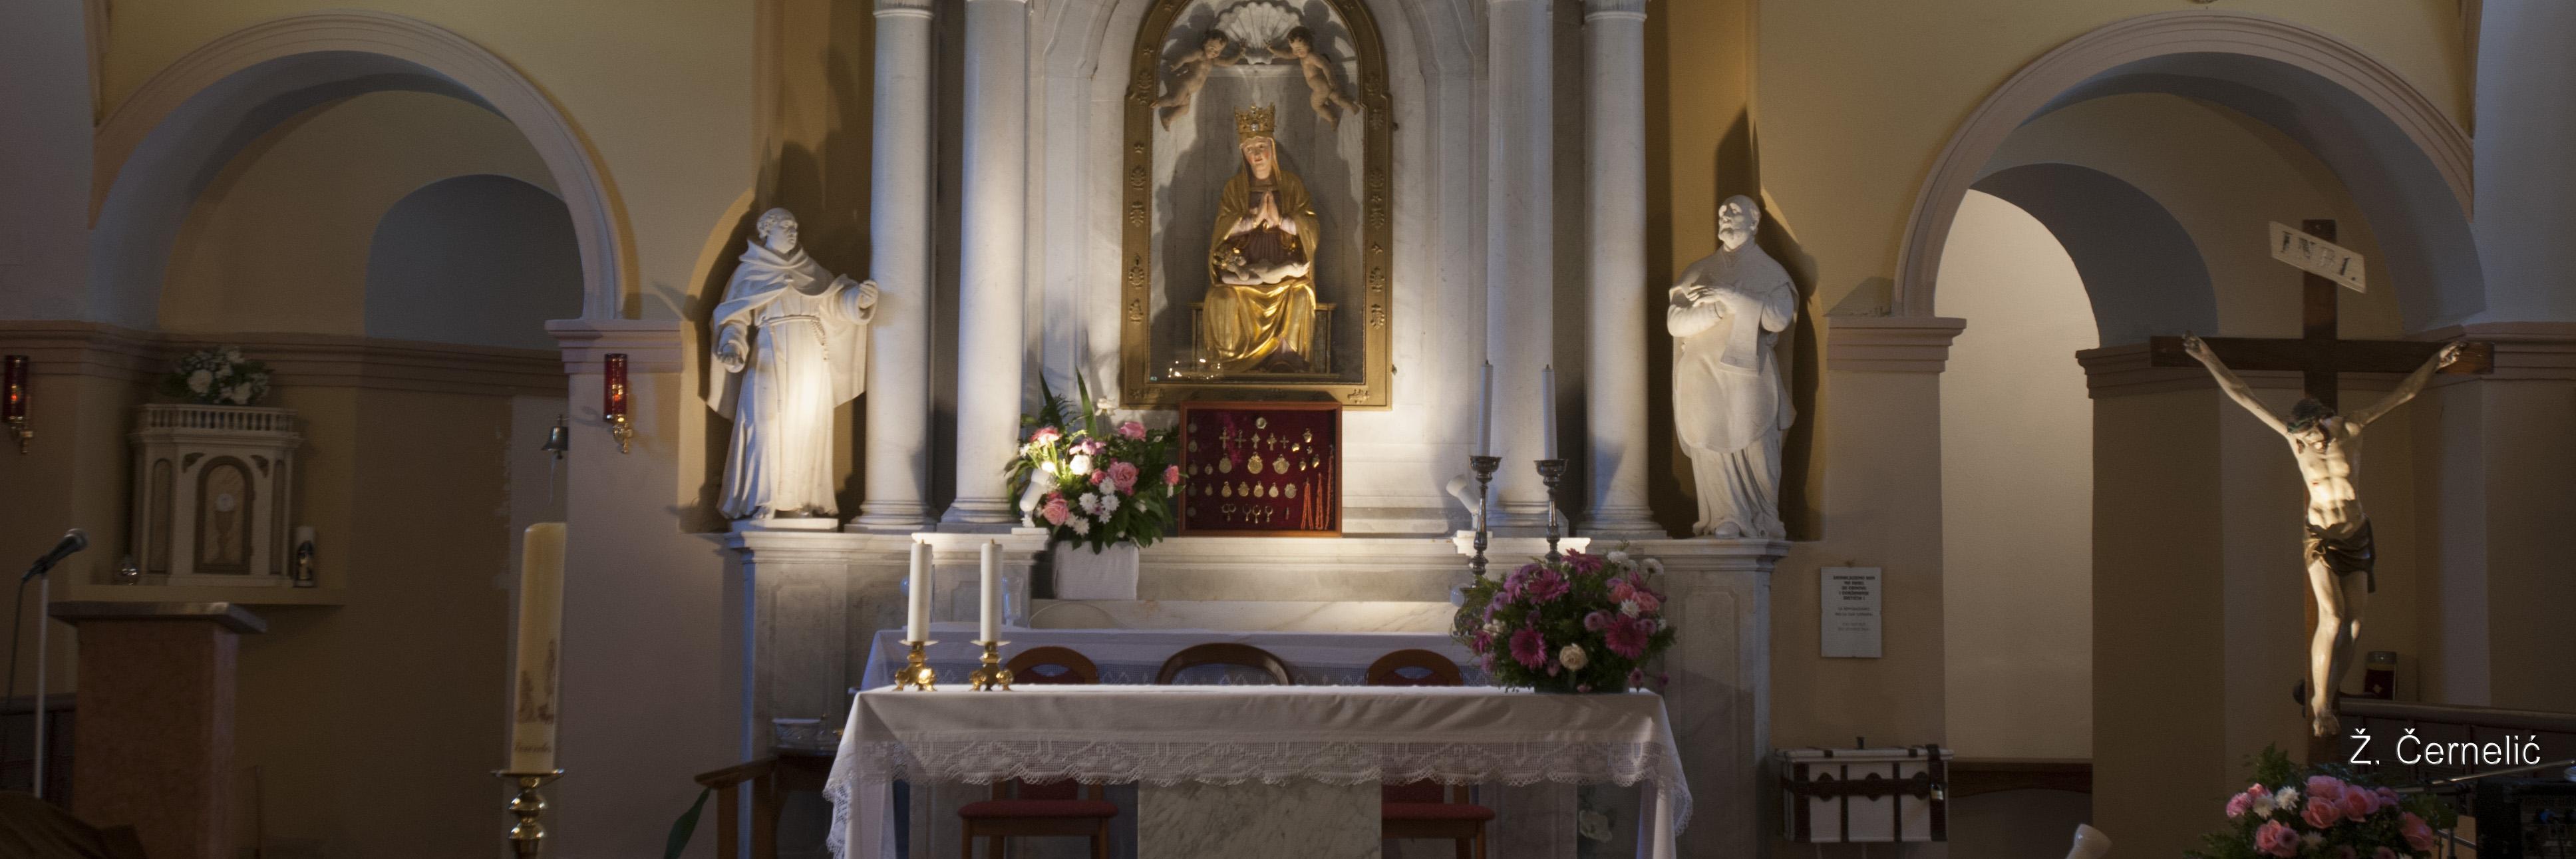 Oltar Crkve